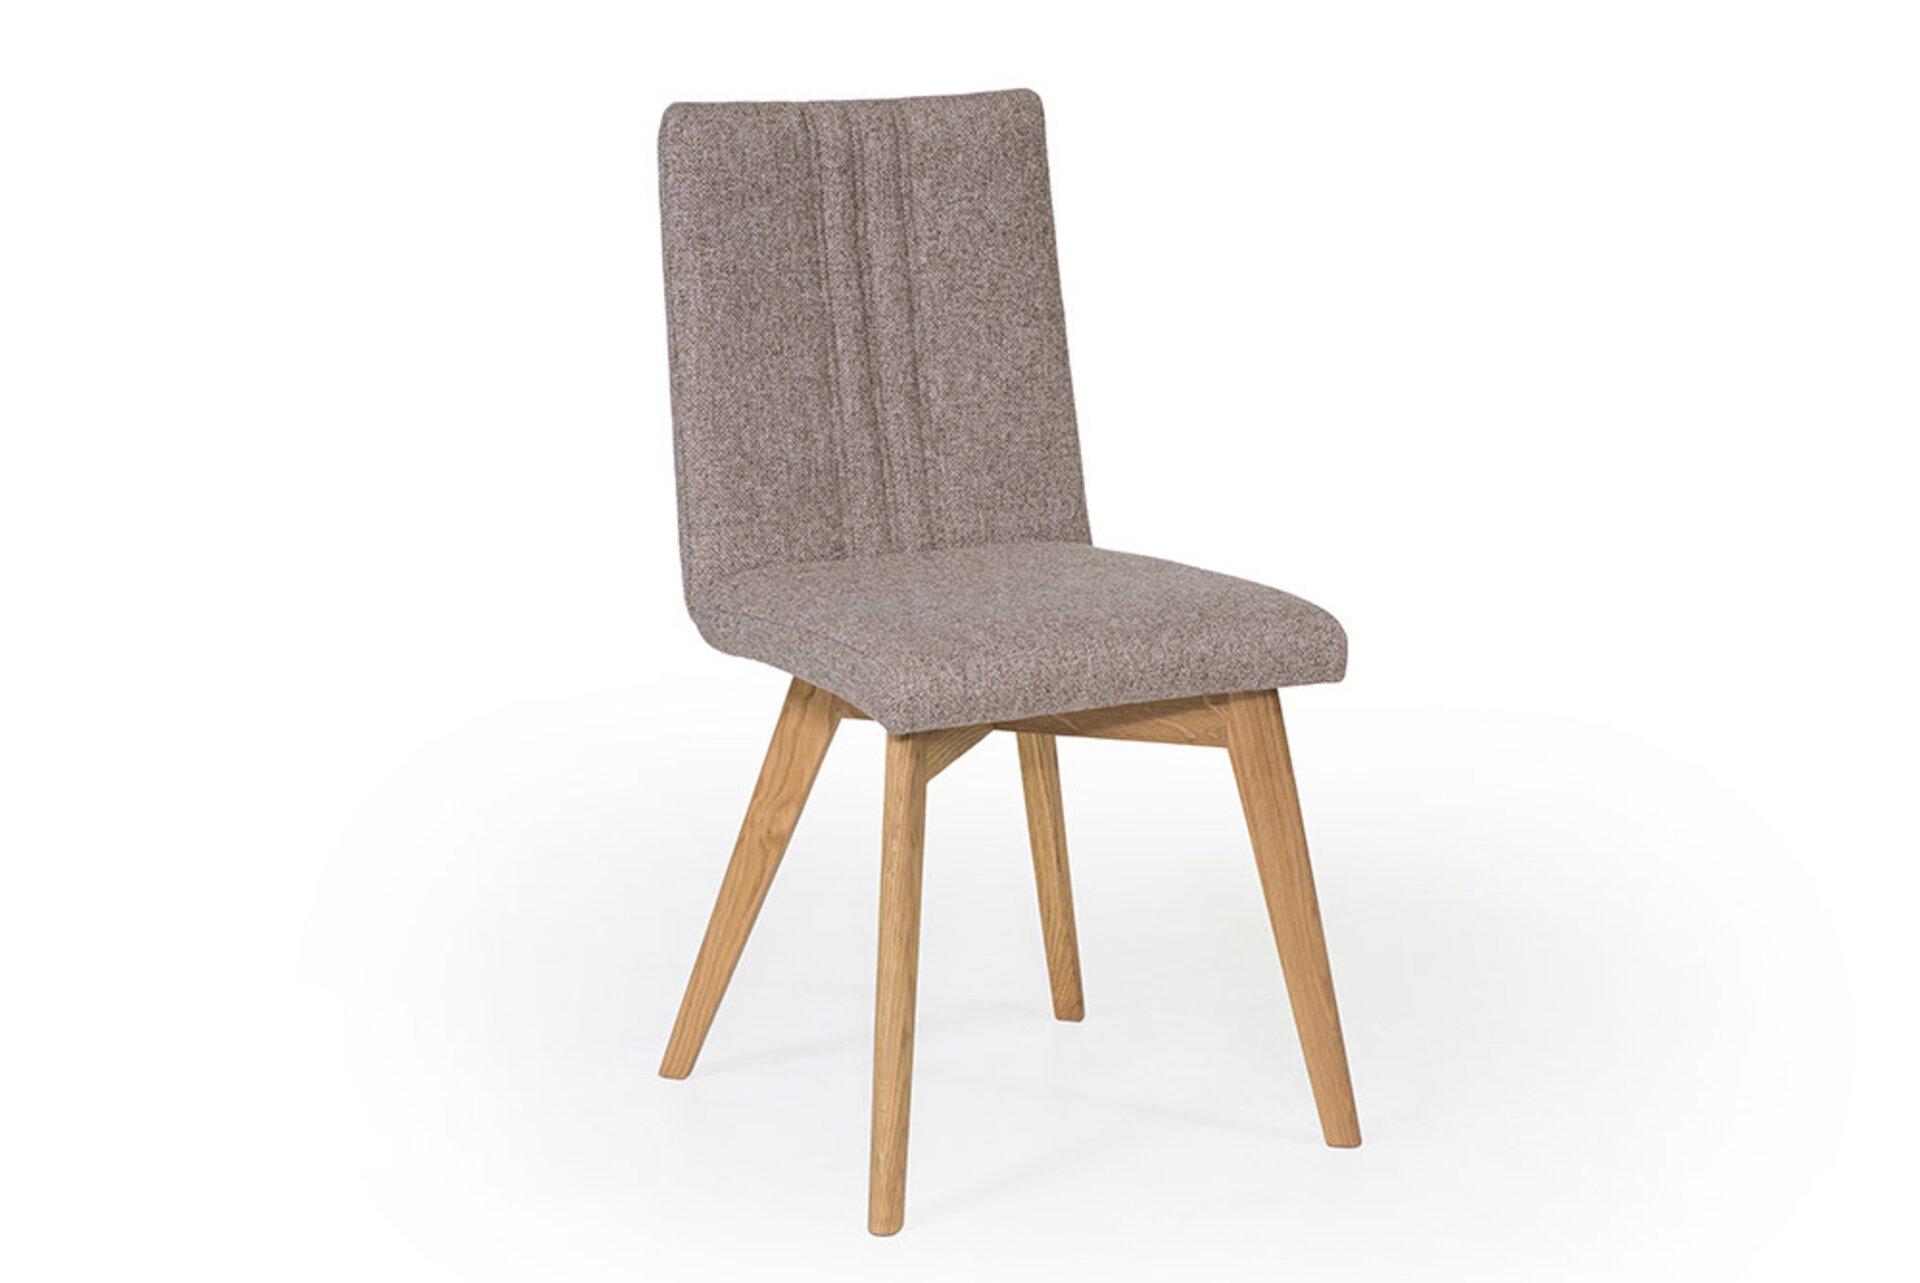 Stuhl BALDIN Vito Textil 54 x 87 x 49 cm